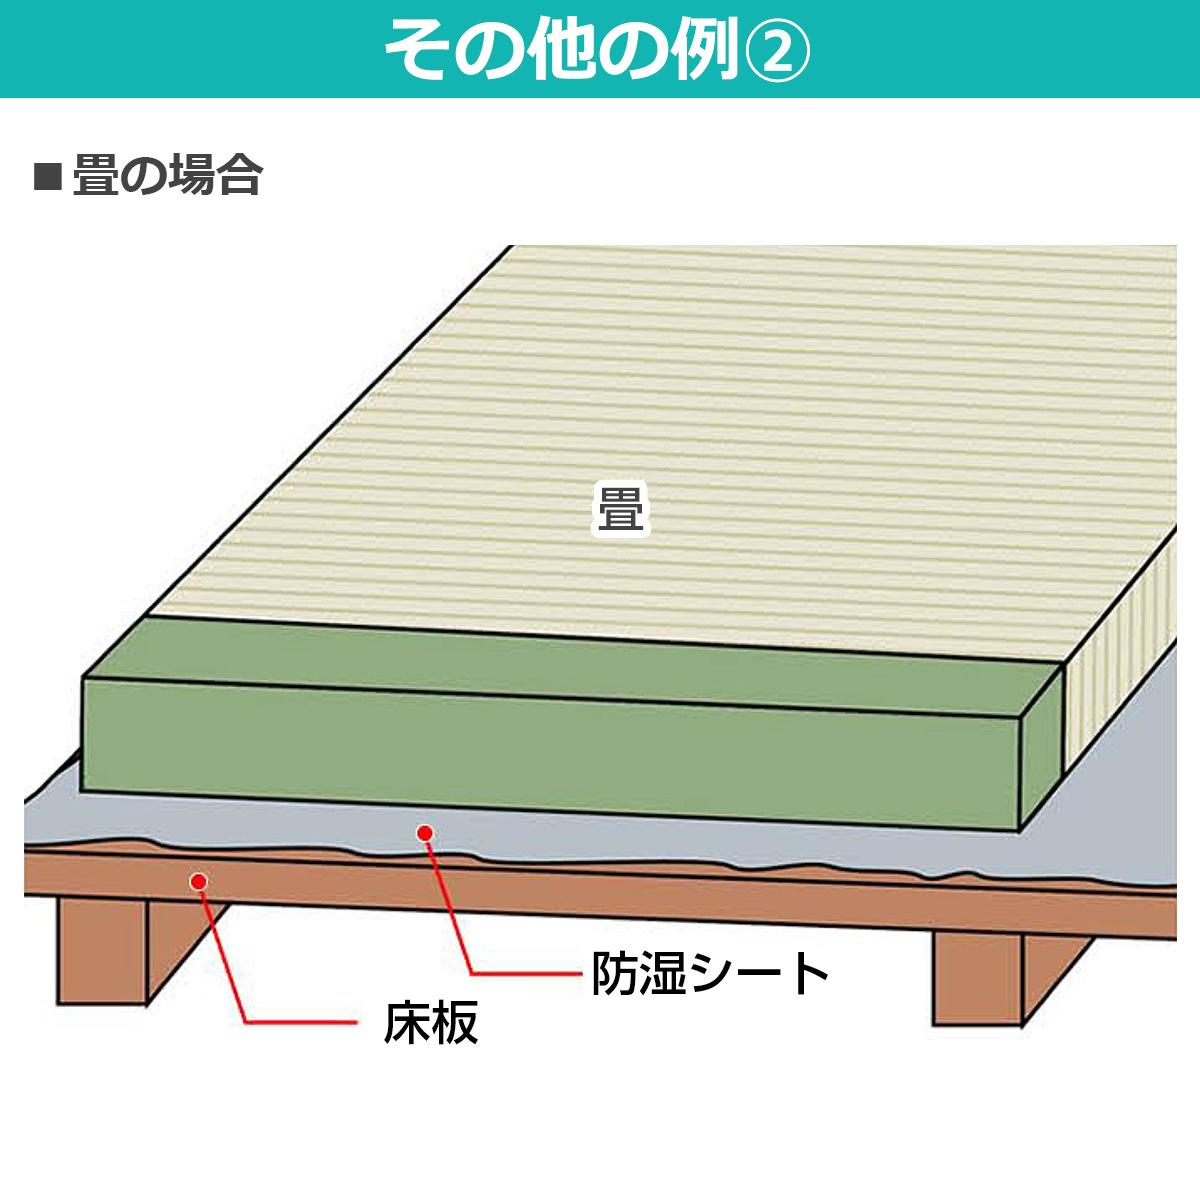 その他の例 畳の場合、床板と畳の間に敷いて下さい